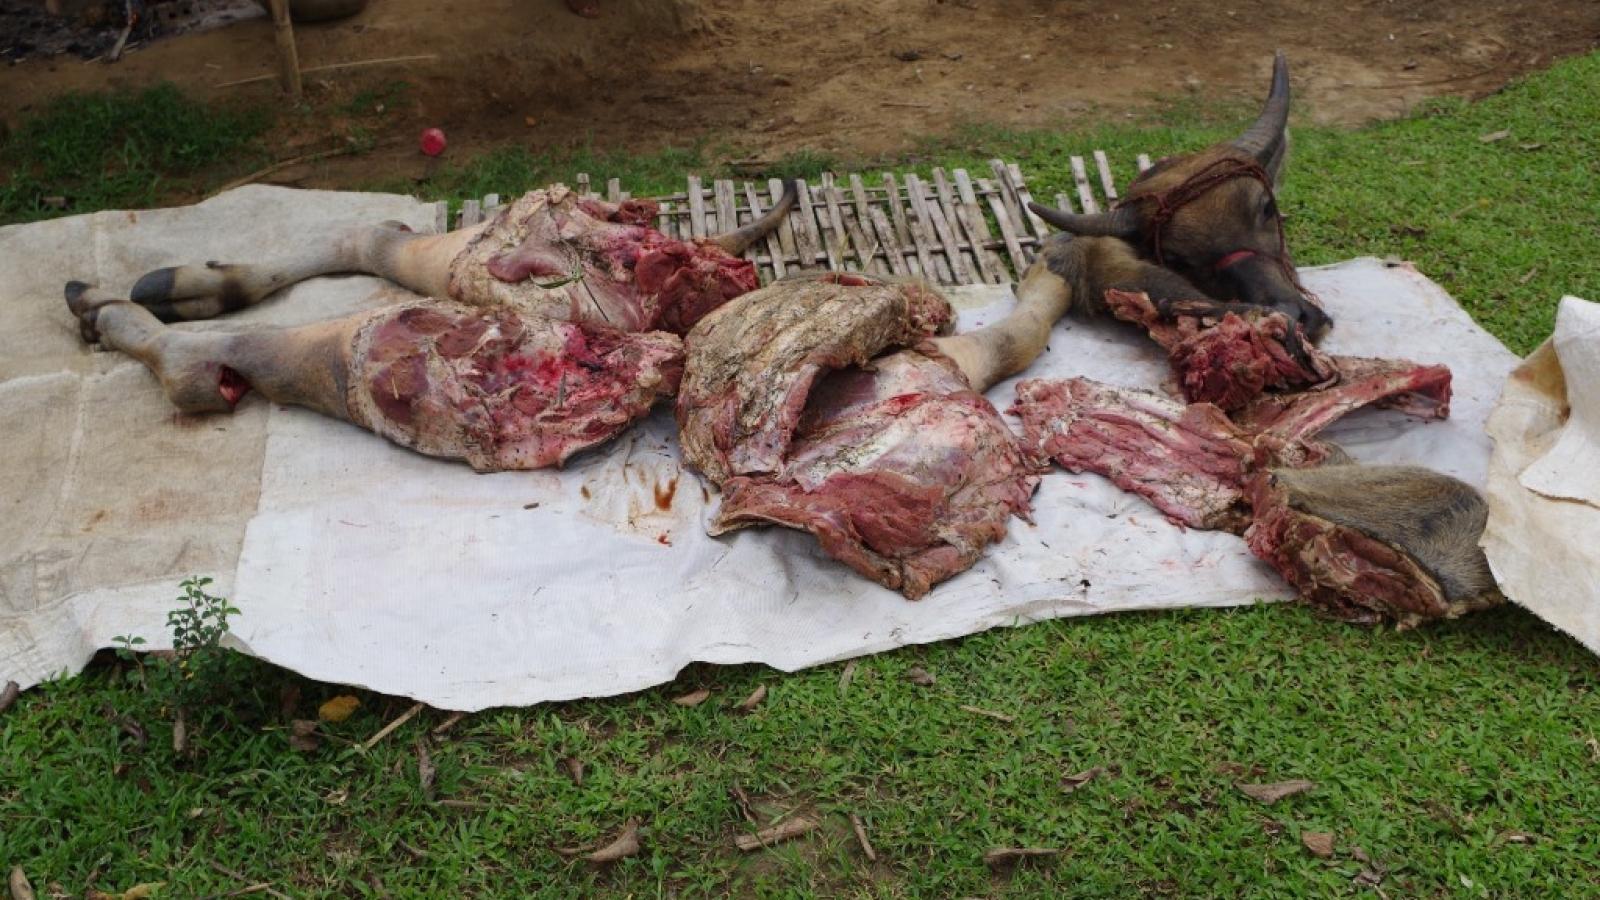 Nhóm đối tượng trộm trâu, đưa đến khu vực vắng xẻ thịt bán